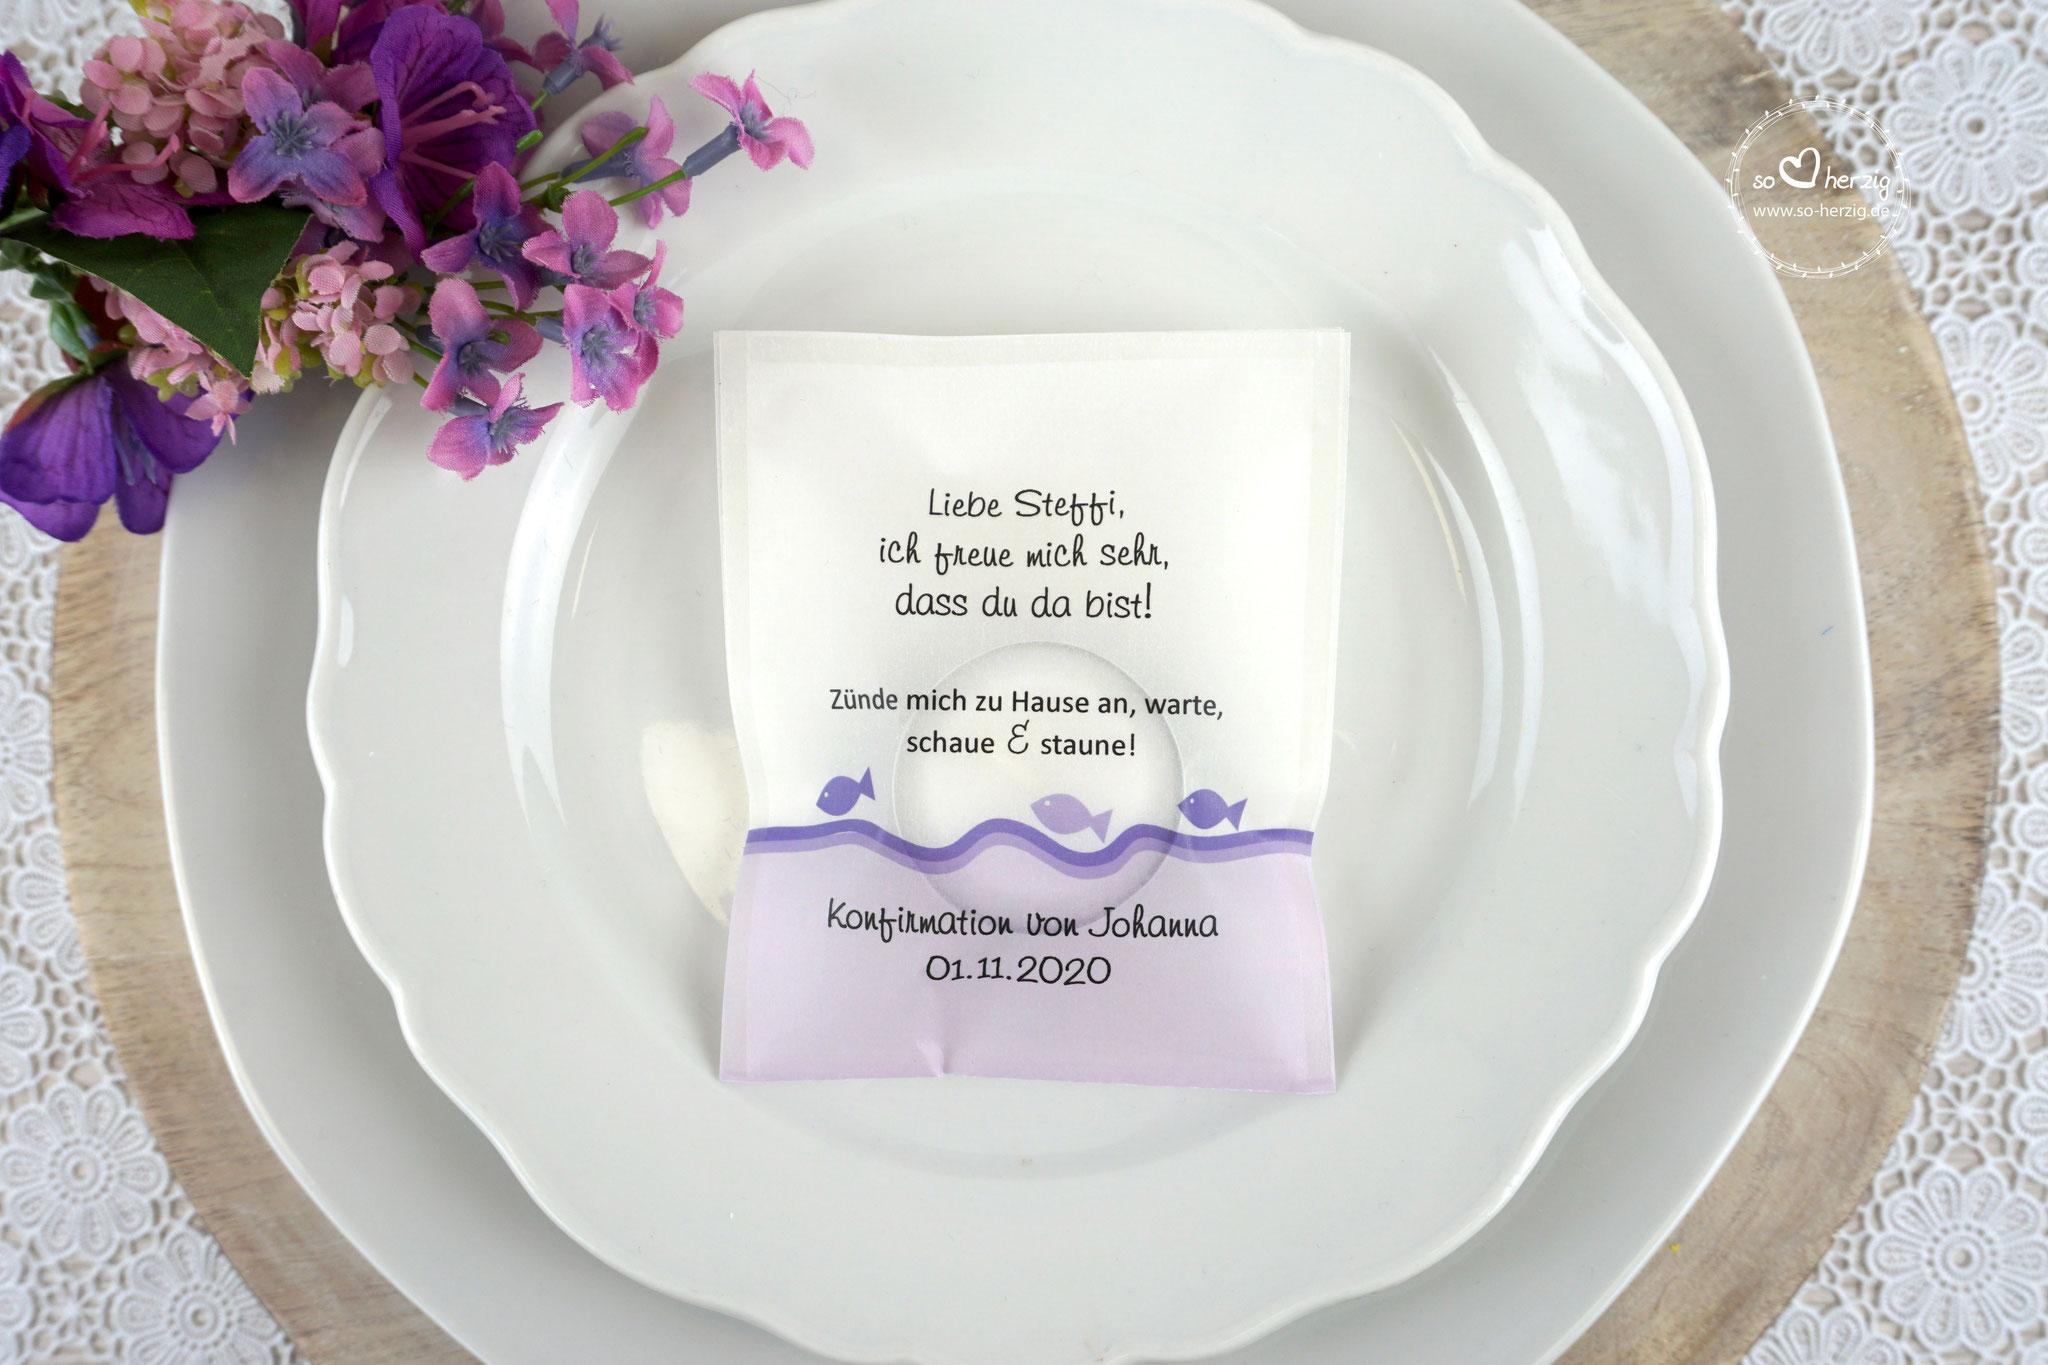 """Teelicht-Botschaft """"Verpackung als Platzkarte"""", Design Fische Flieder - Schrift Ajile"""